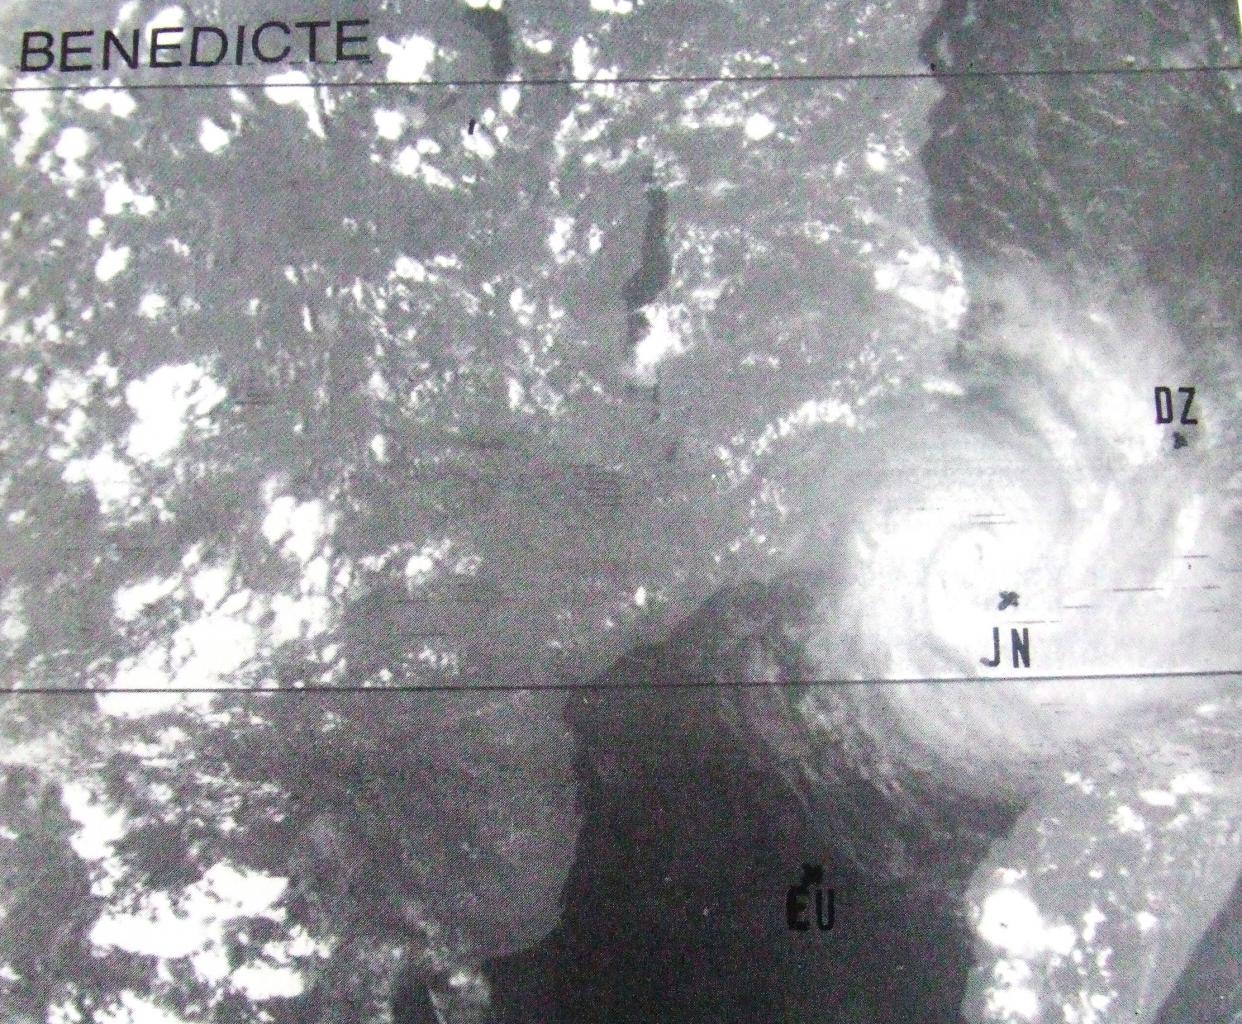 22 dec 1981 1227utc (Météo France)